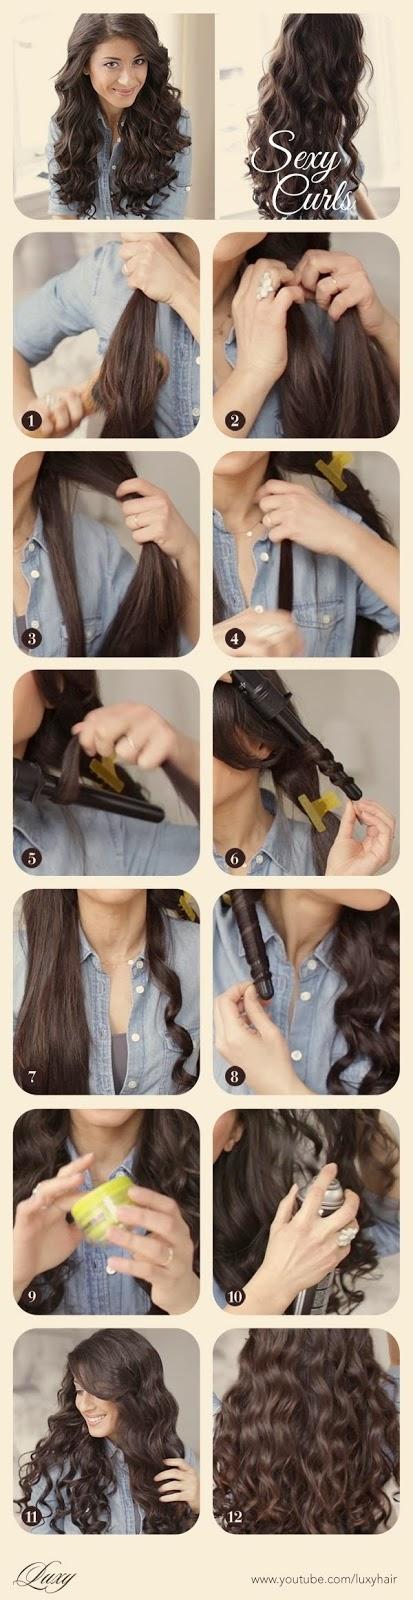 coiffure cheveux long bouclés